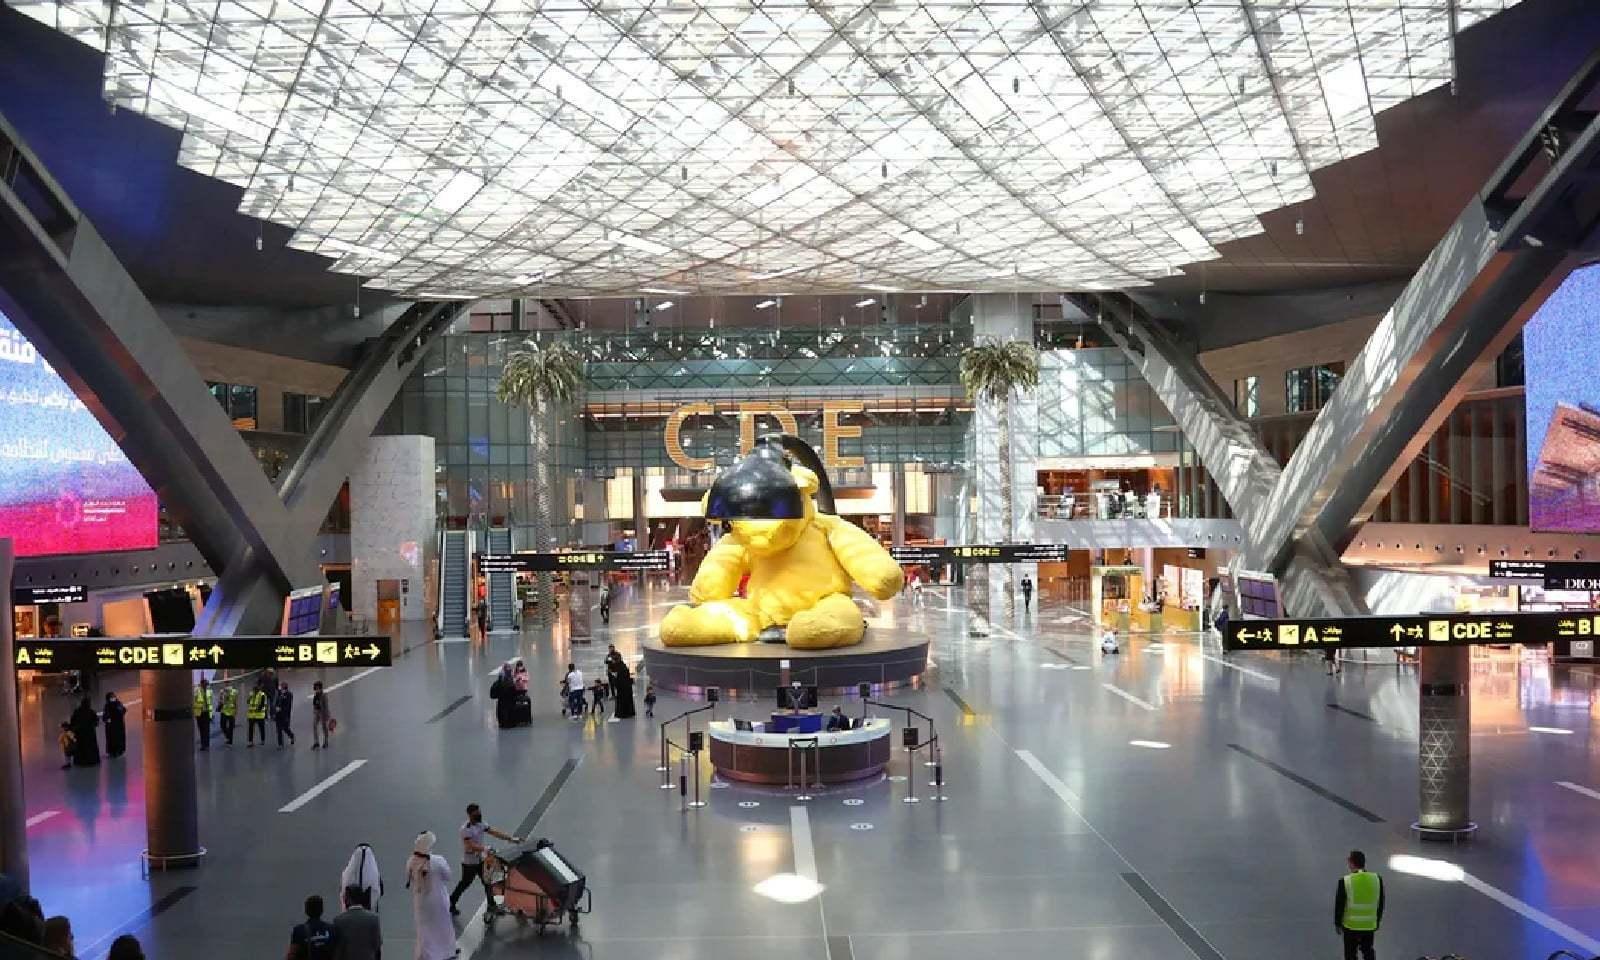 پہلی بار ایک مسلم ملک دنیا کے بہترین ایئرپورٹ کا اعزاز حاصل کرنے میں کامیاب